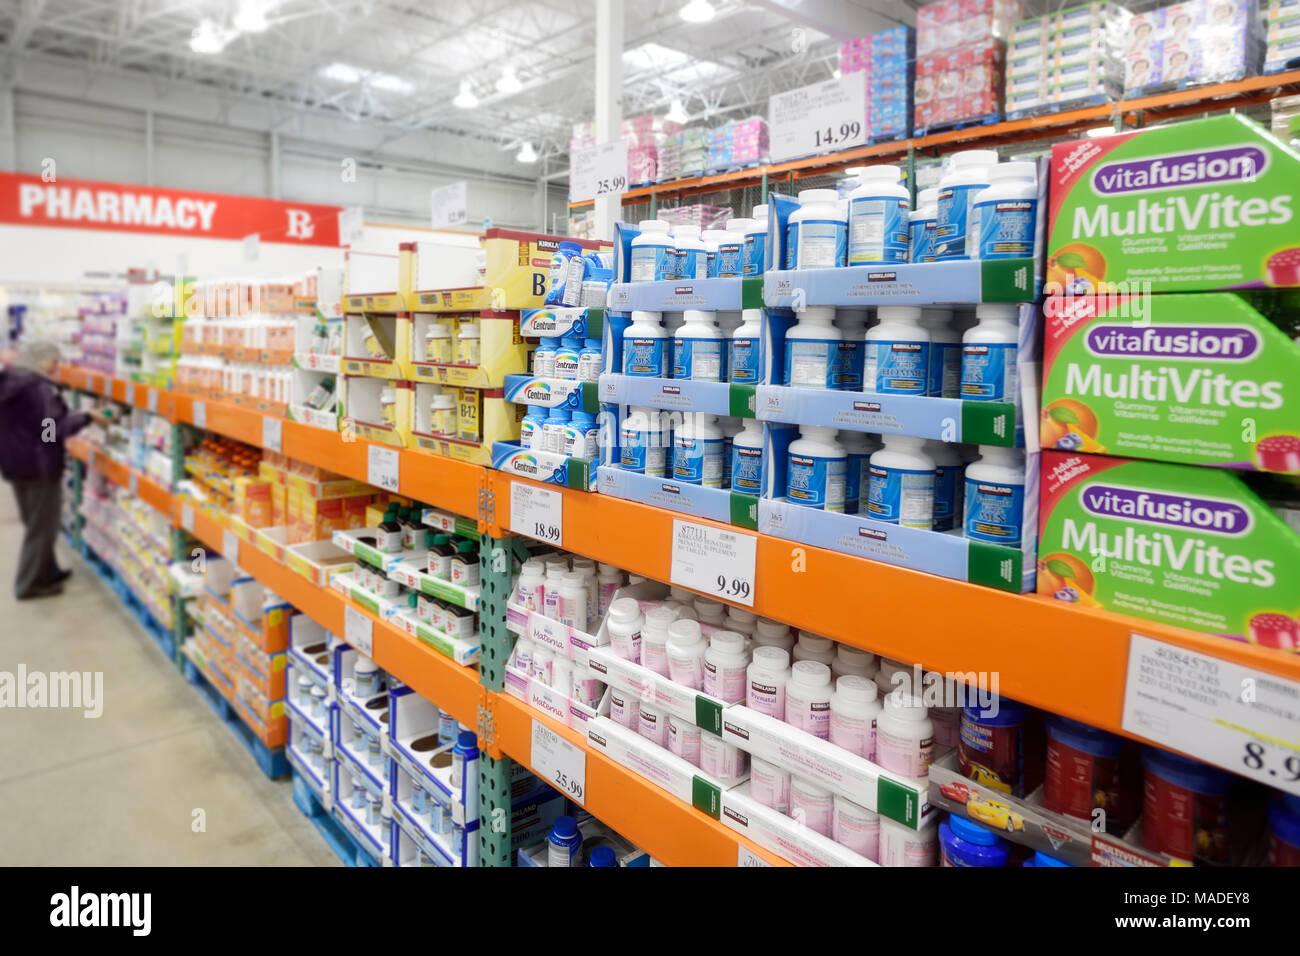 Vitamine und Nahrungsergänzungsmittel bei Costco Wholesale Mitgliedschaft Lagerverkauf Apotheke Abschnitt. British Columbia, Kanada 2017. Stockbild